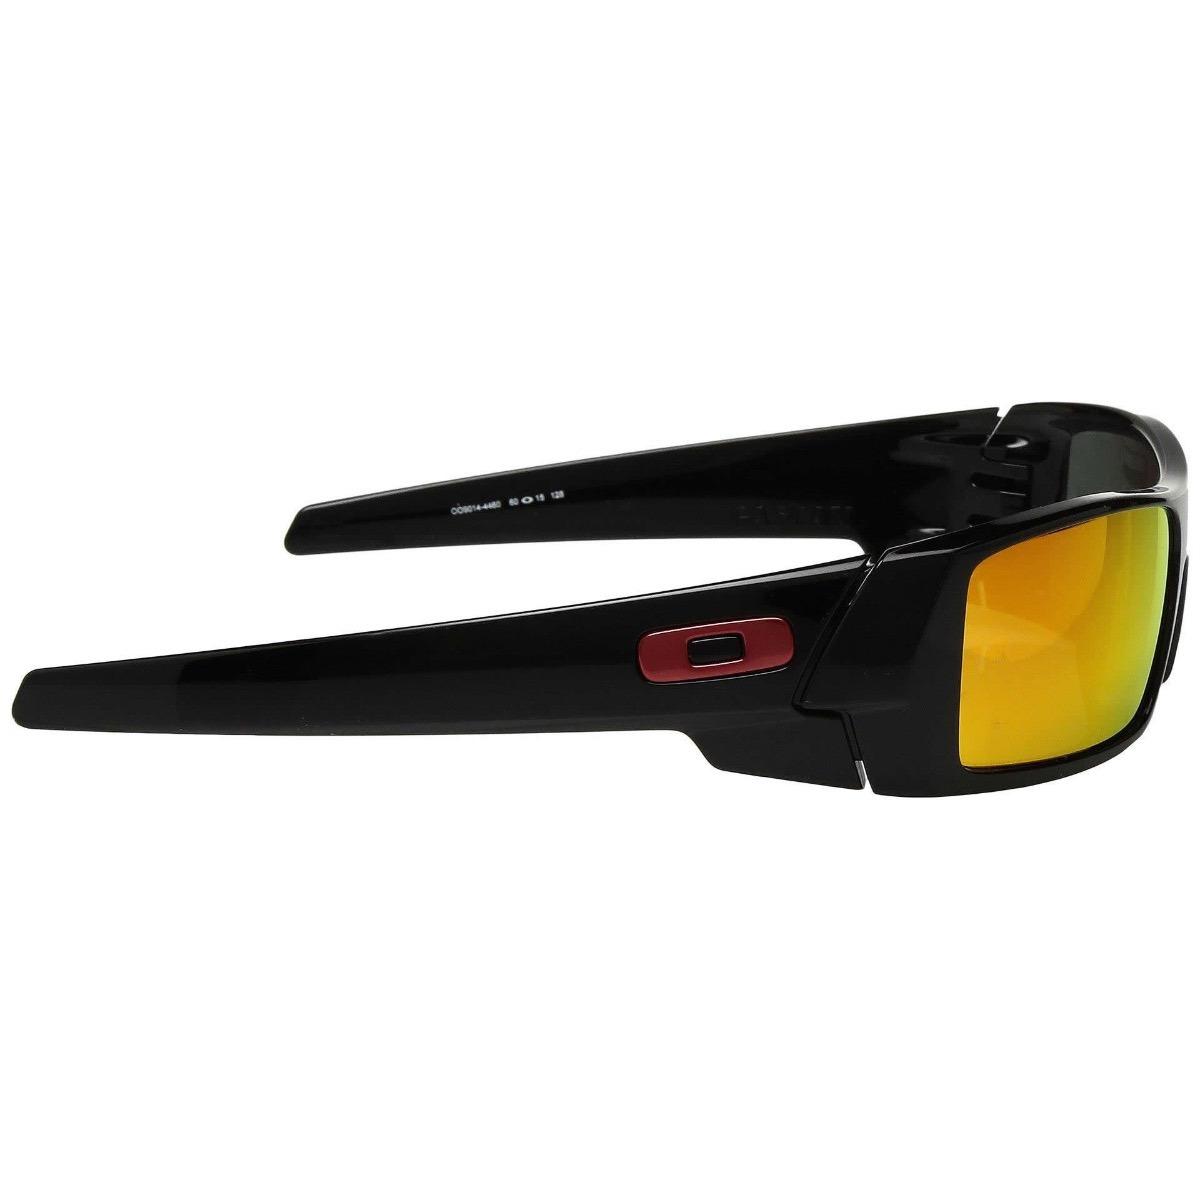 69264632f15 lentes oakley gascan polished black - prizm ruby oo9014-44. Cargando zoom.